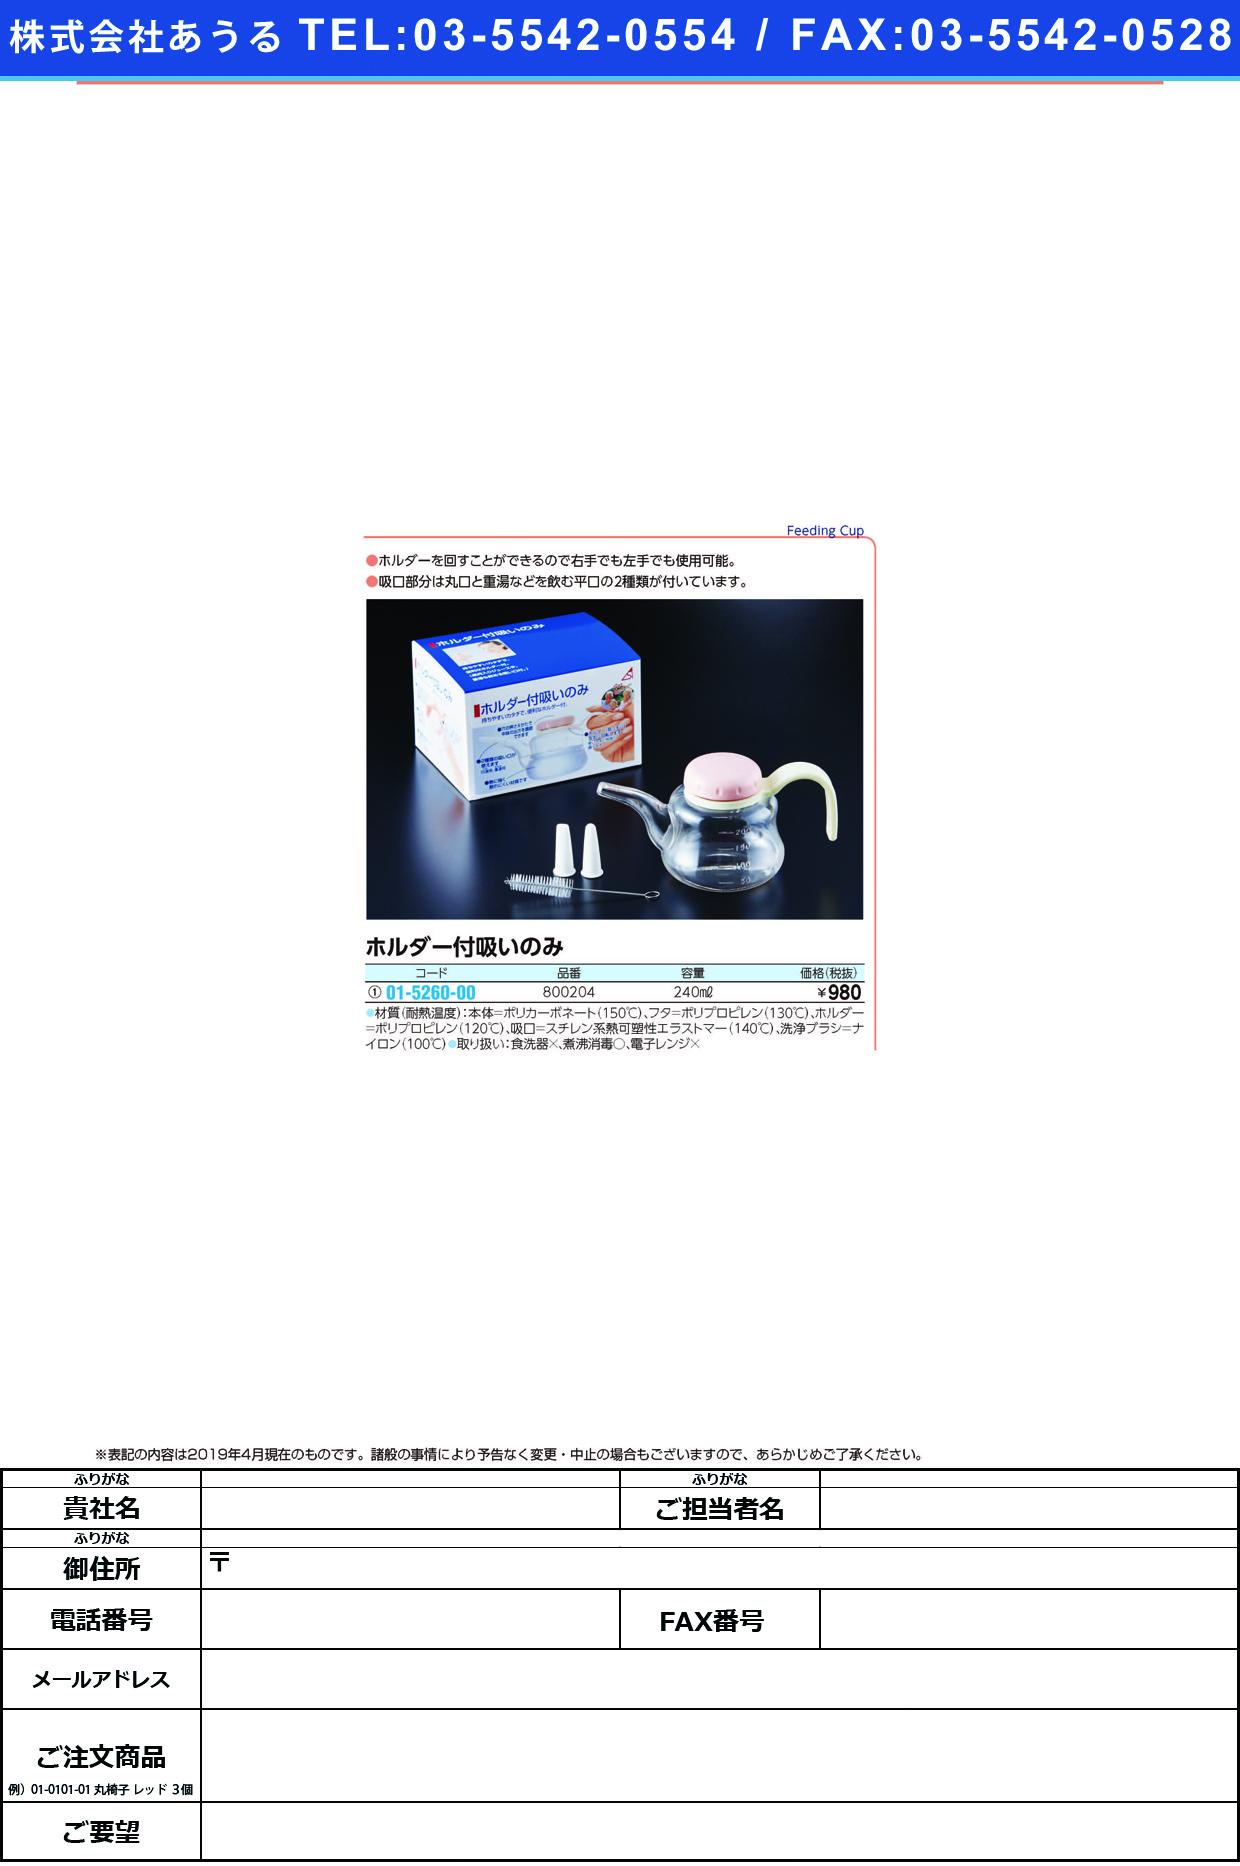 (01-5260-00)ホルダー付吸いのみ 240ML ホルダーツキスイノミ【1個単位】【2019年カタログ商品】